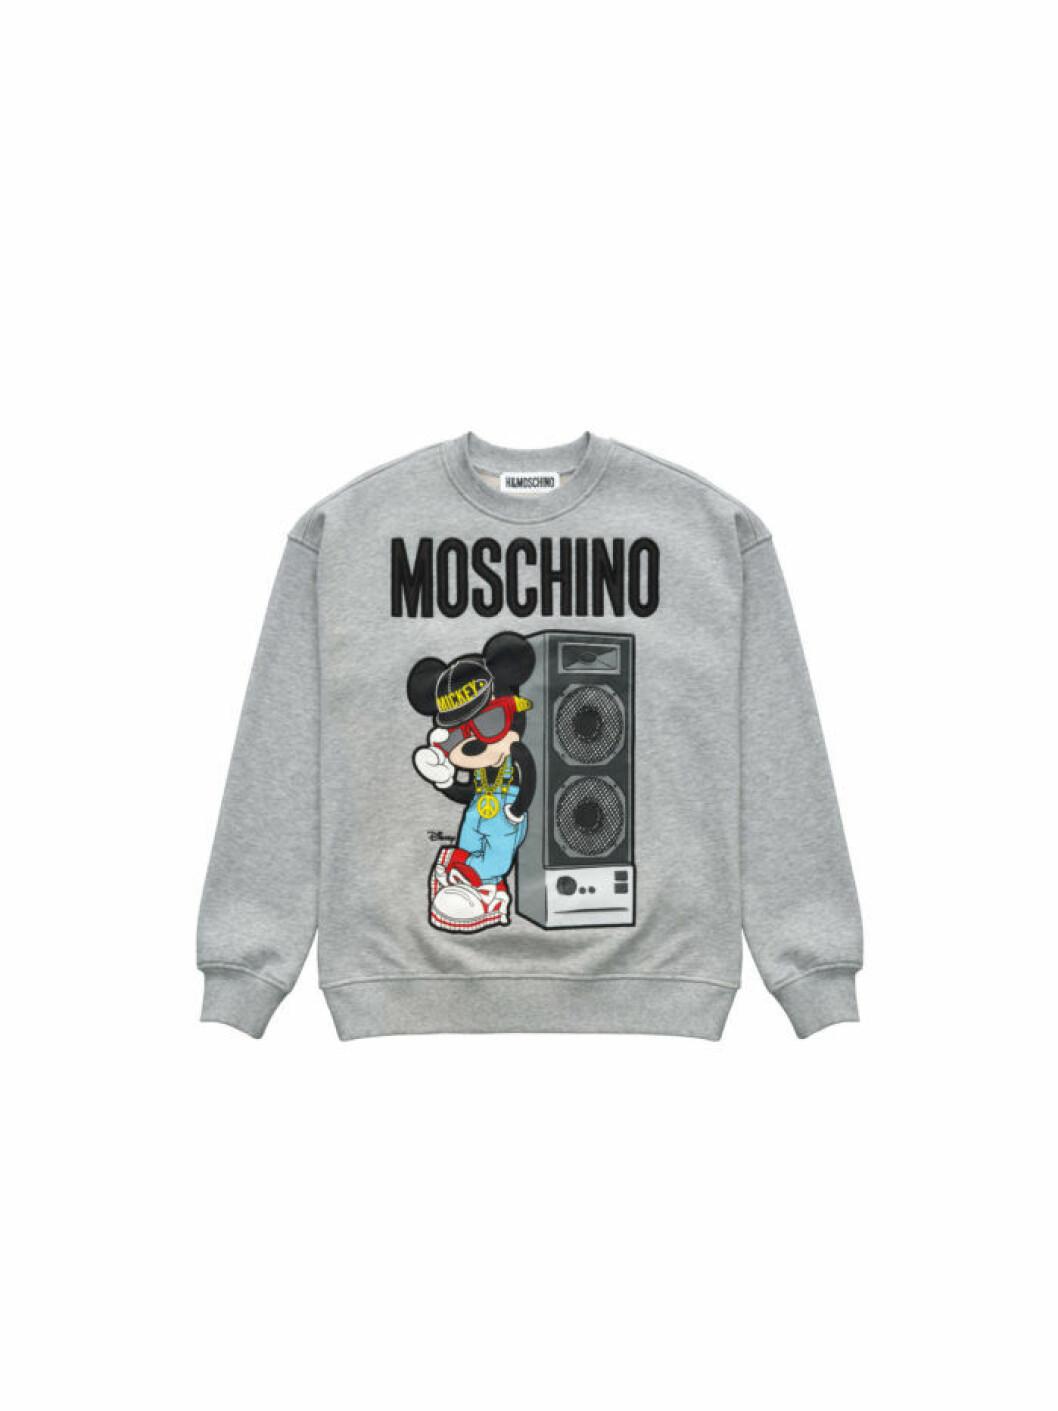 Musse Pigg på en grå sweatshirt Moschino [tv] H&M